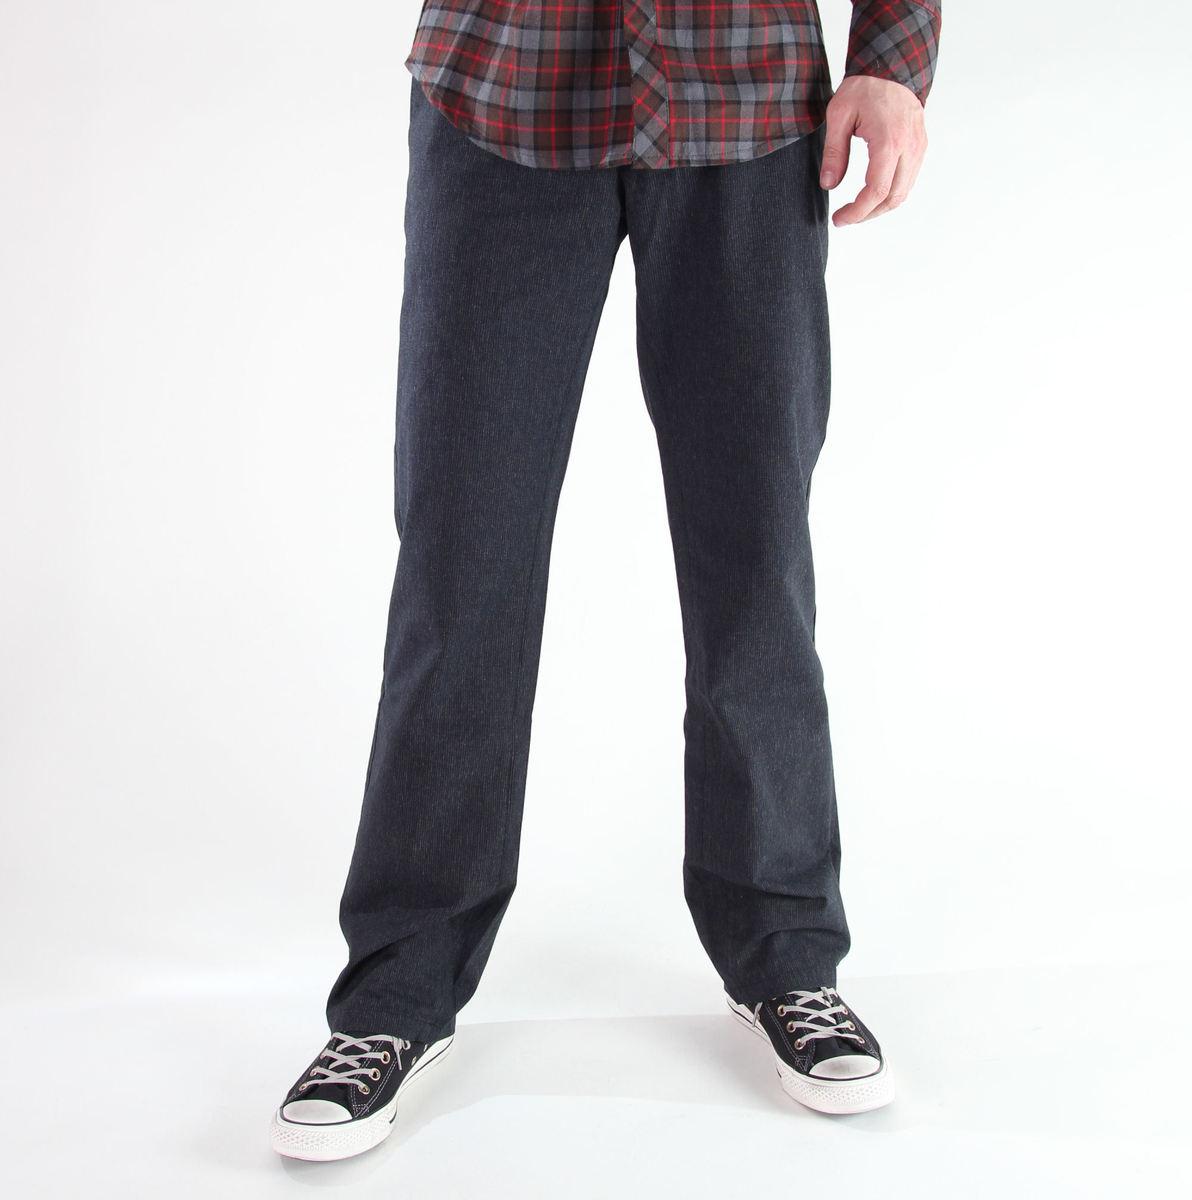 kalhoty pánské FUNSTORM - Gatel - 21 Black